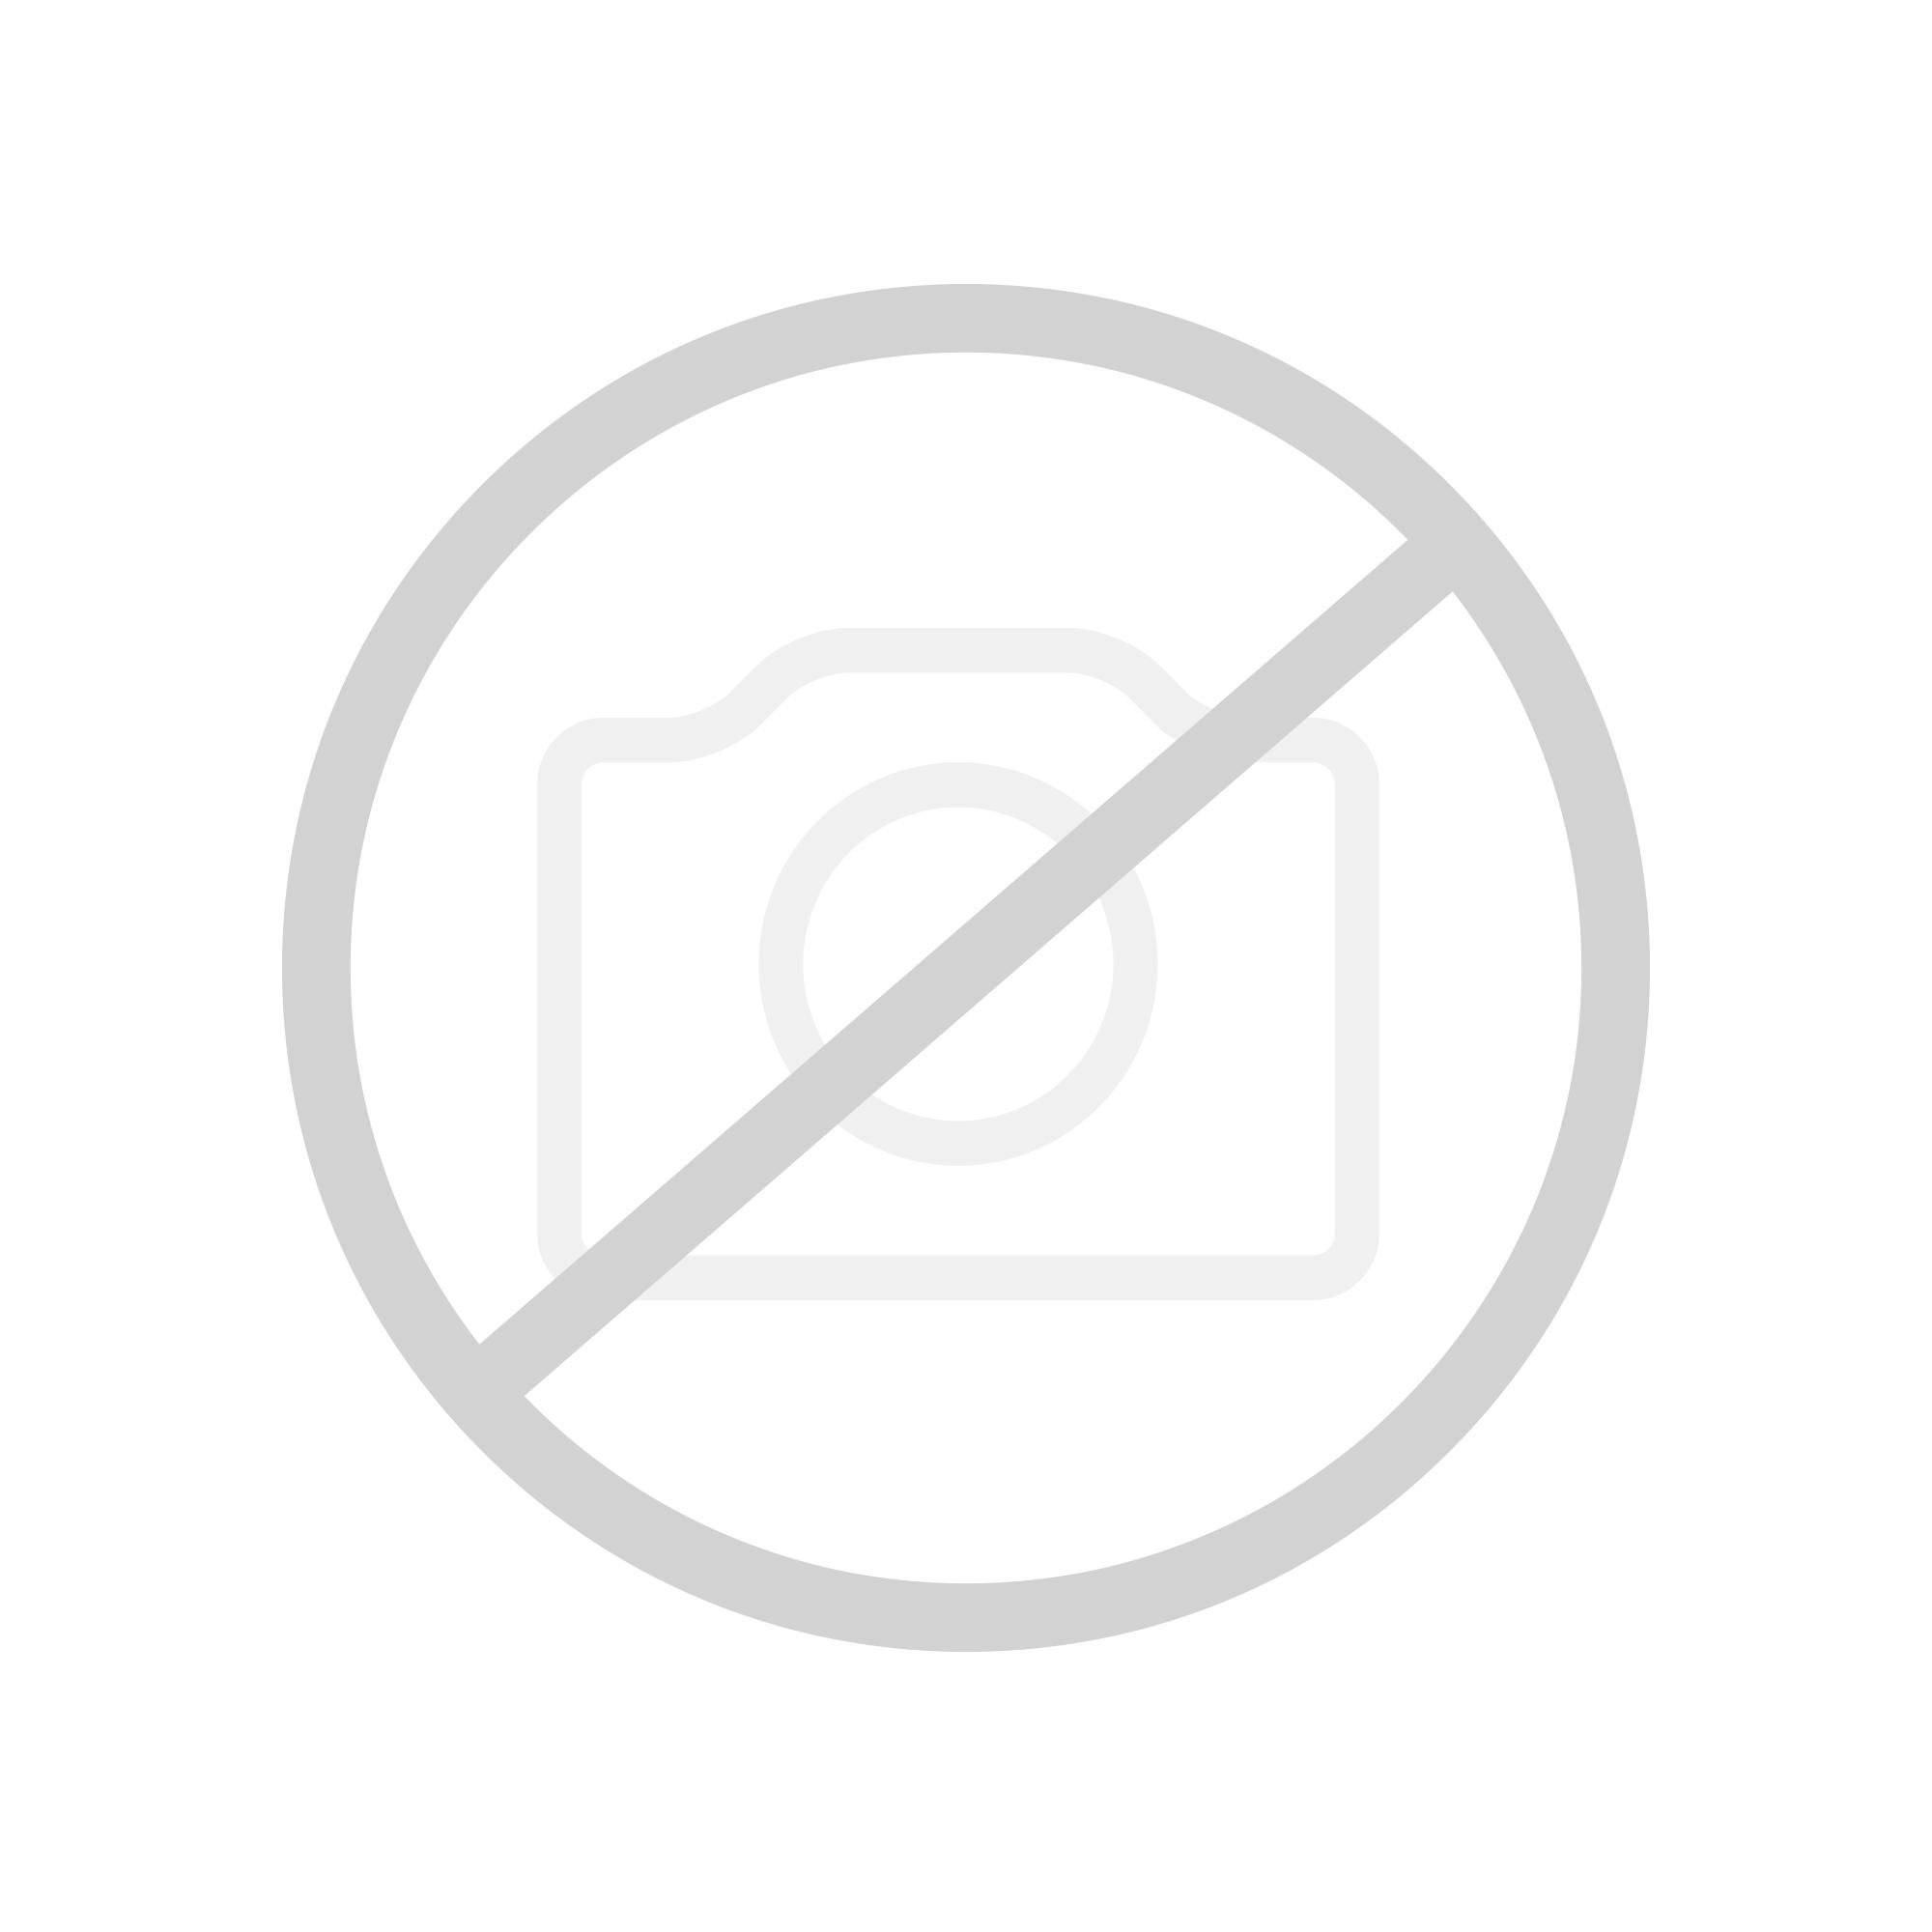 Zierath Salis Lichtspiegel mit LED-Beleuchtung